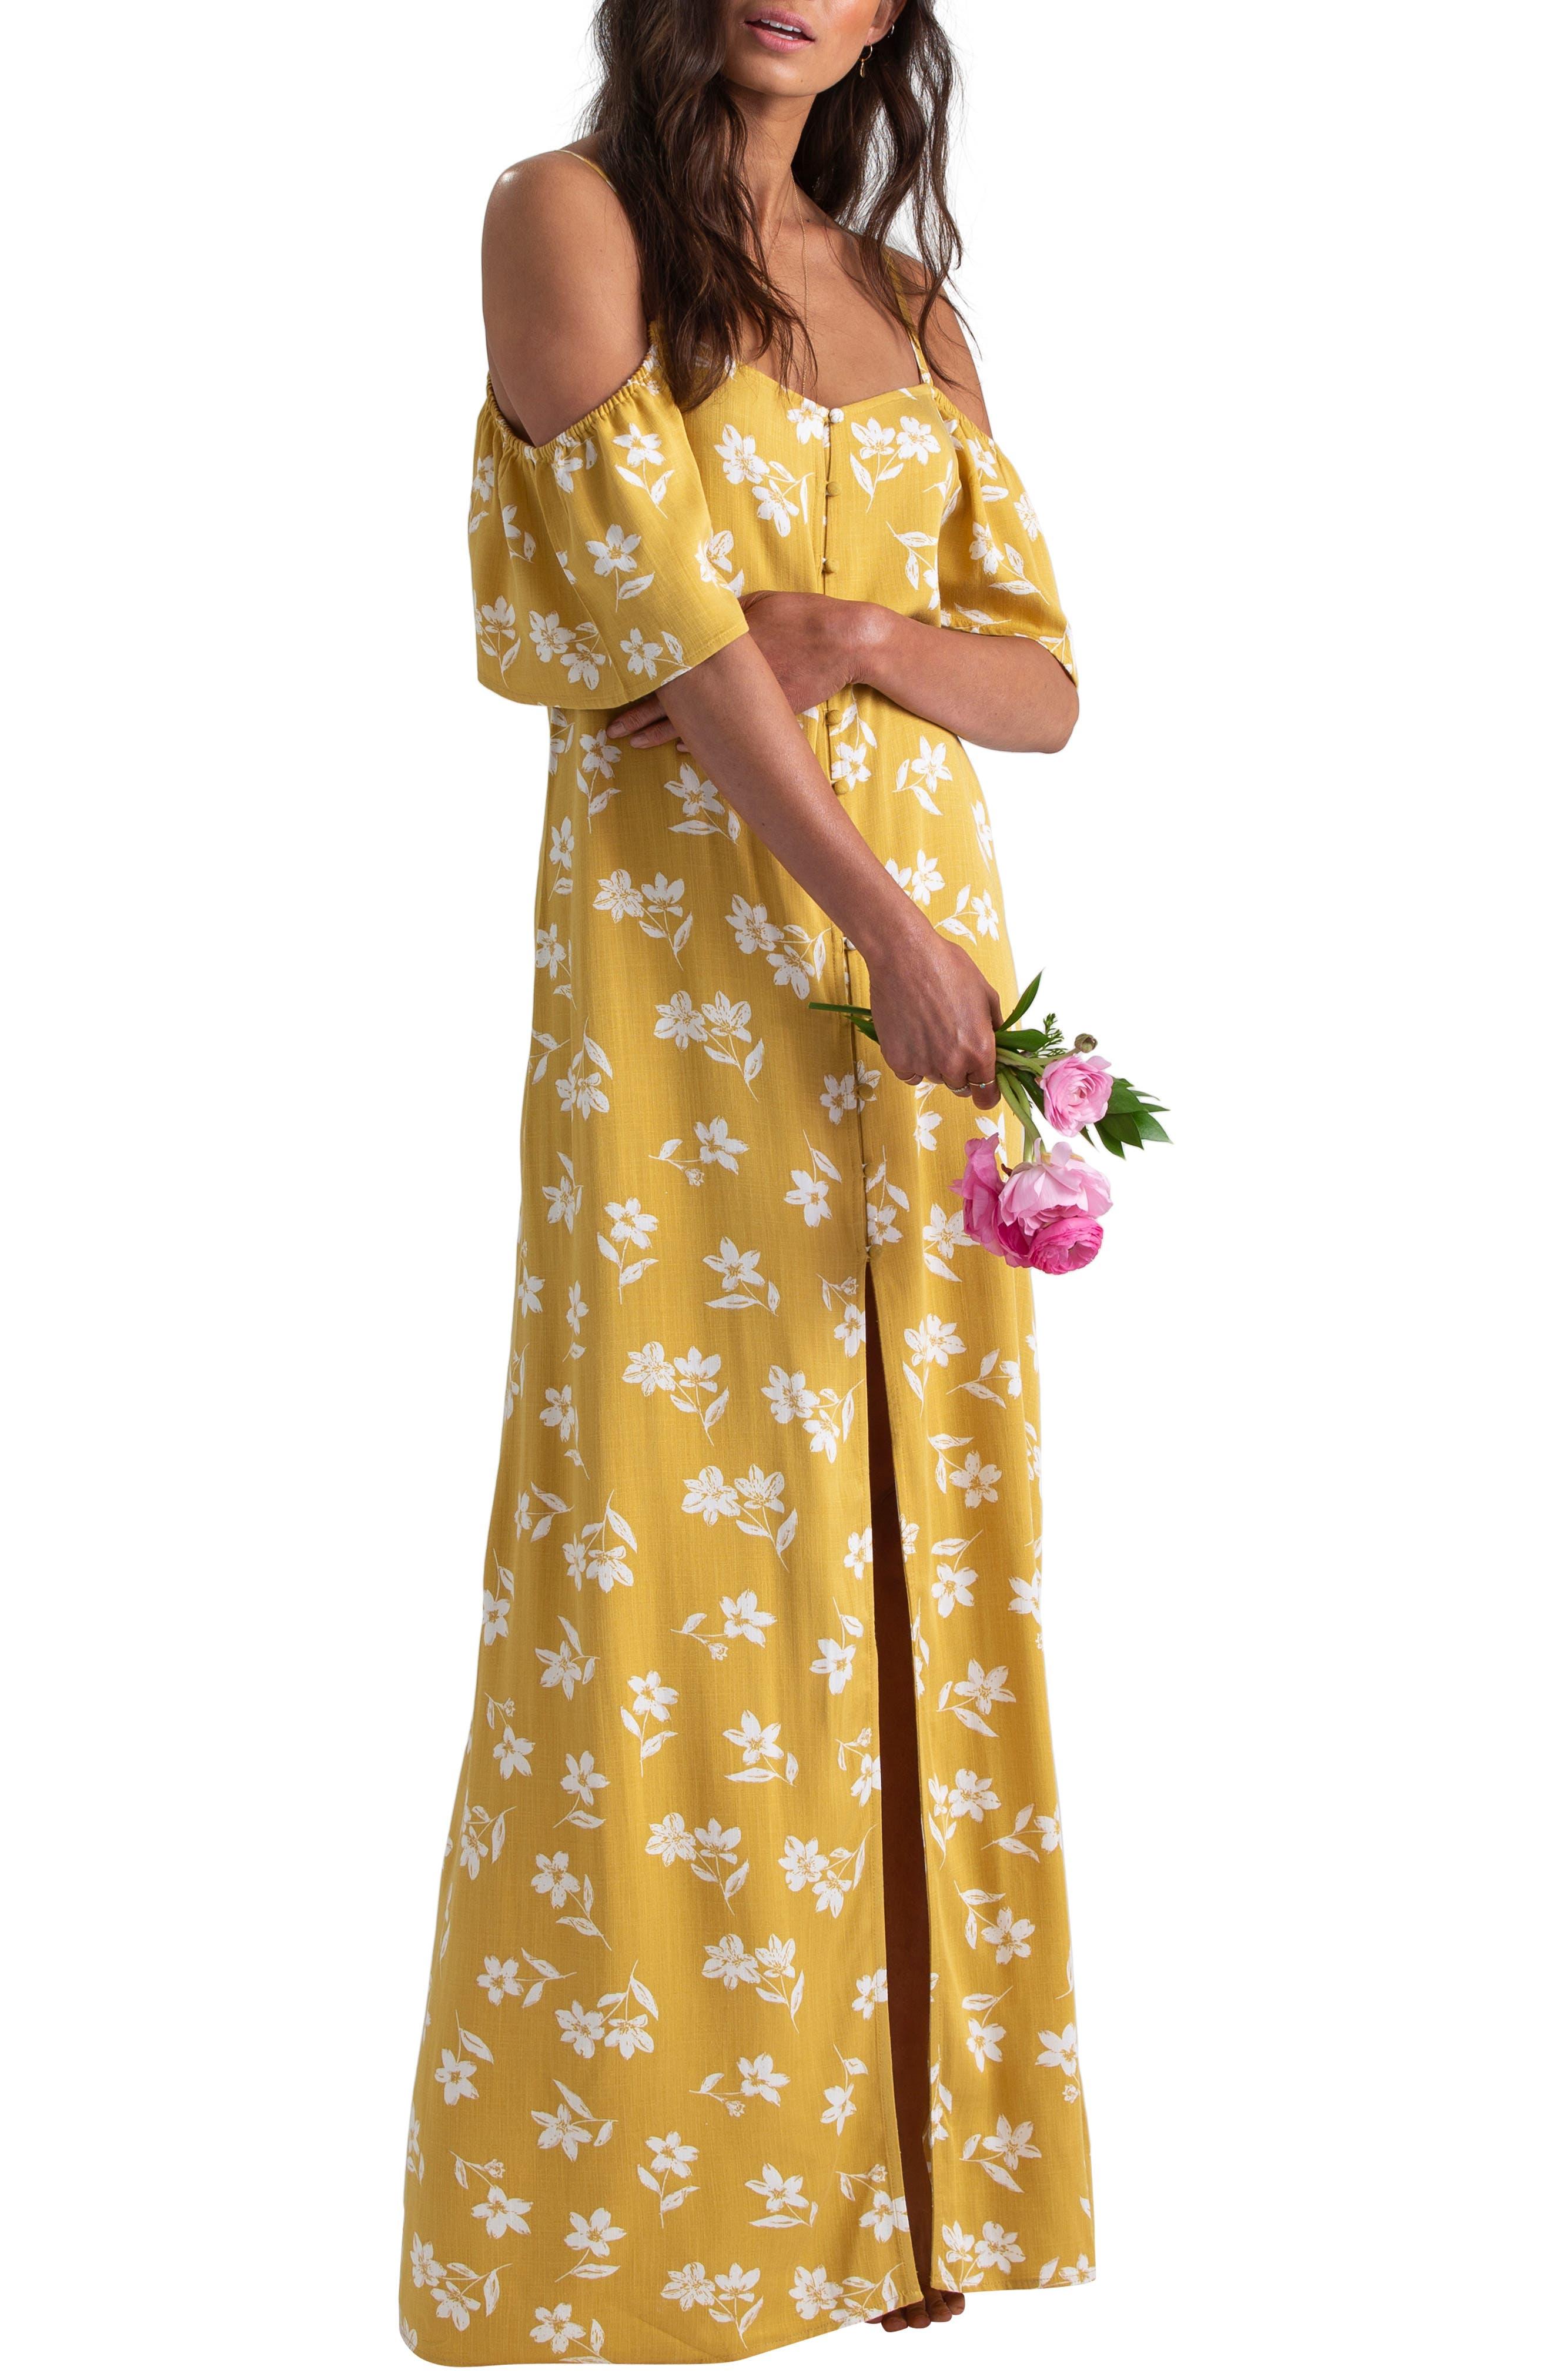 fb8f2eb6f9 Promo Code Billabong X Sincerely Jules Cold Shoulder Sway Maxi Dress